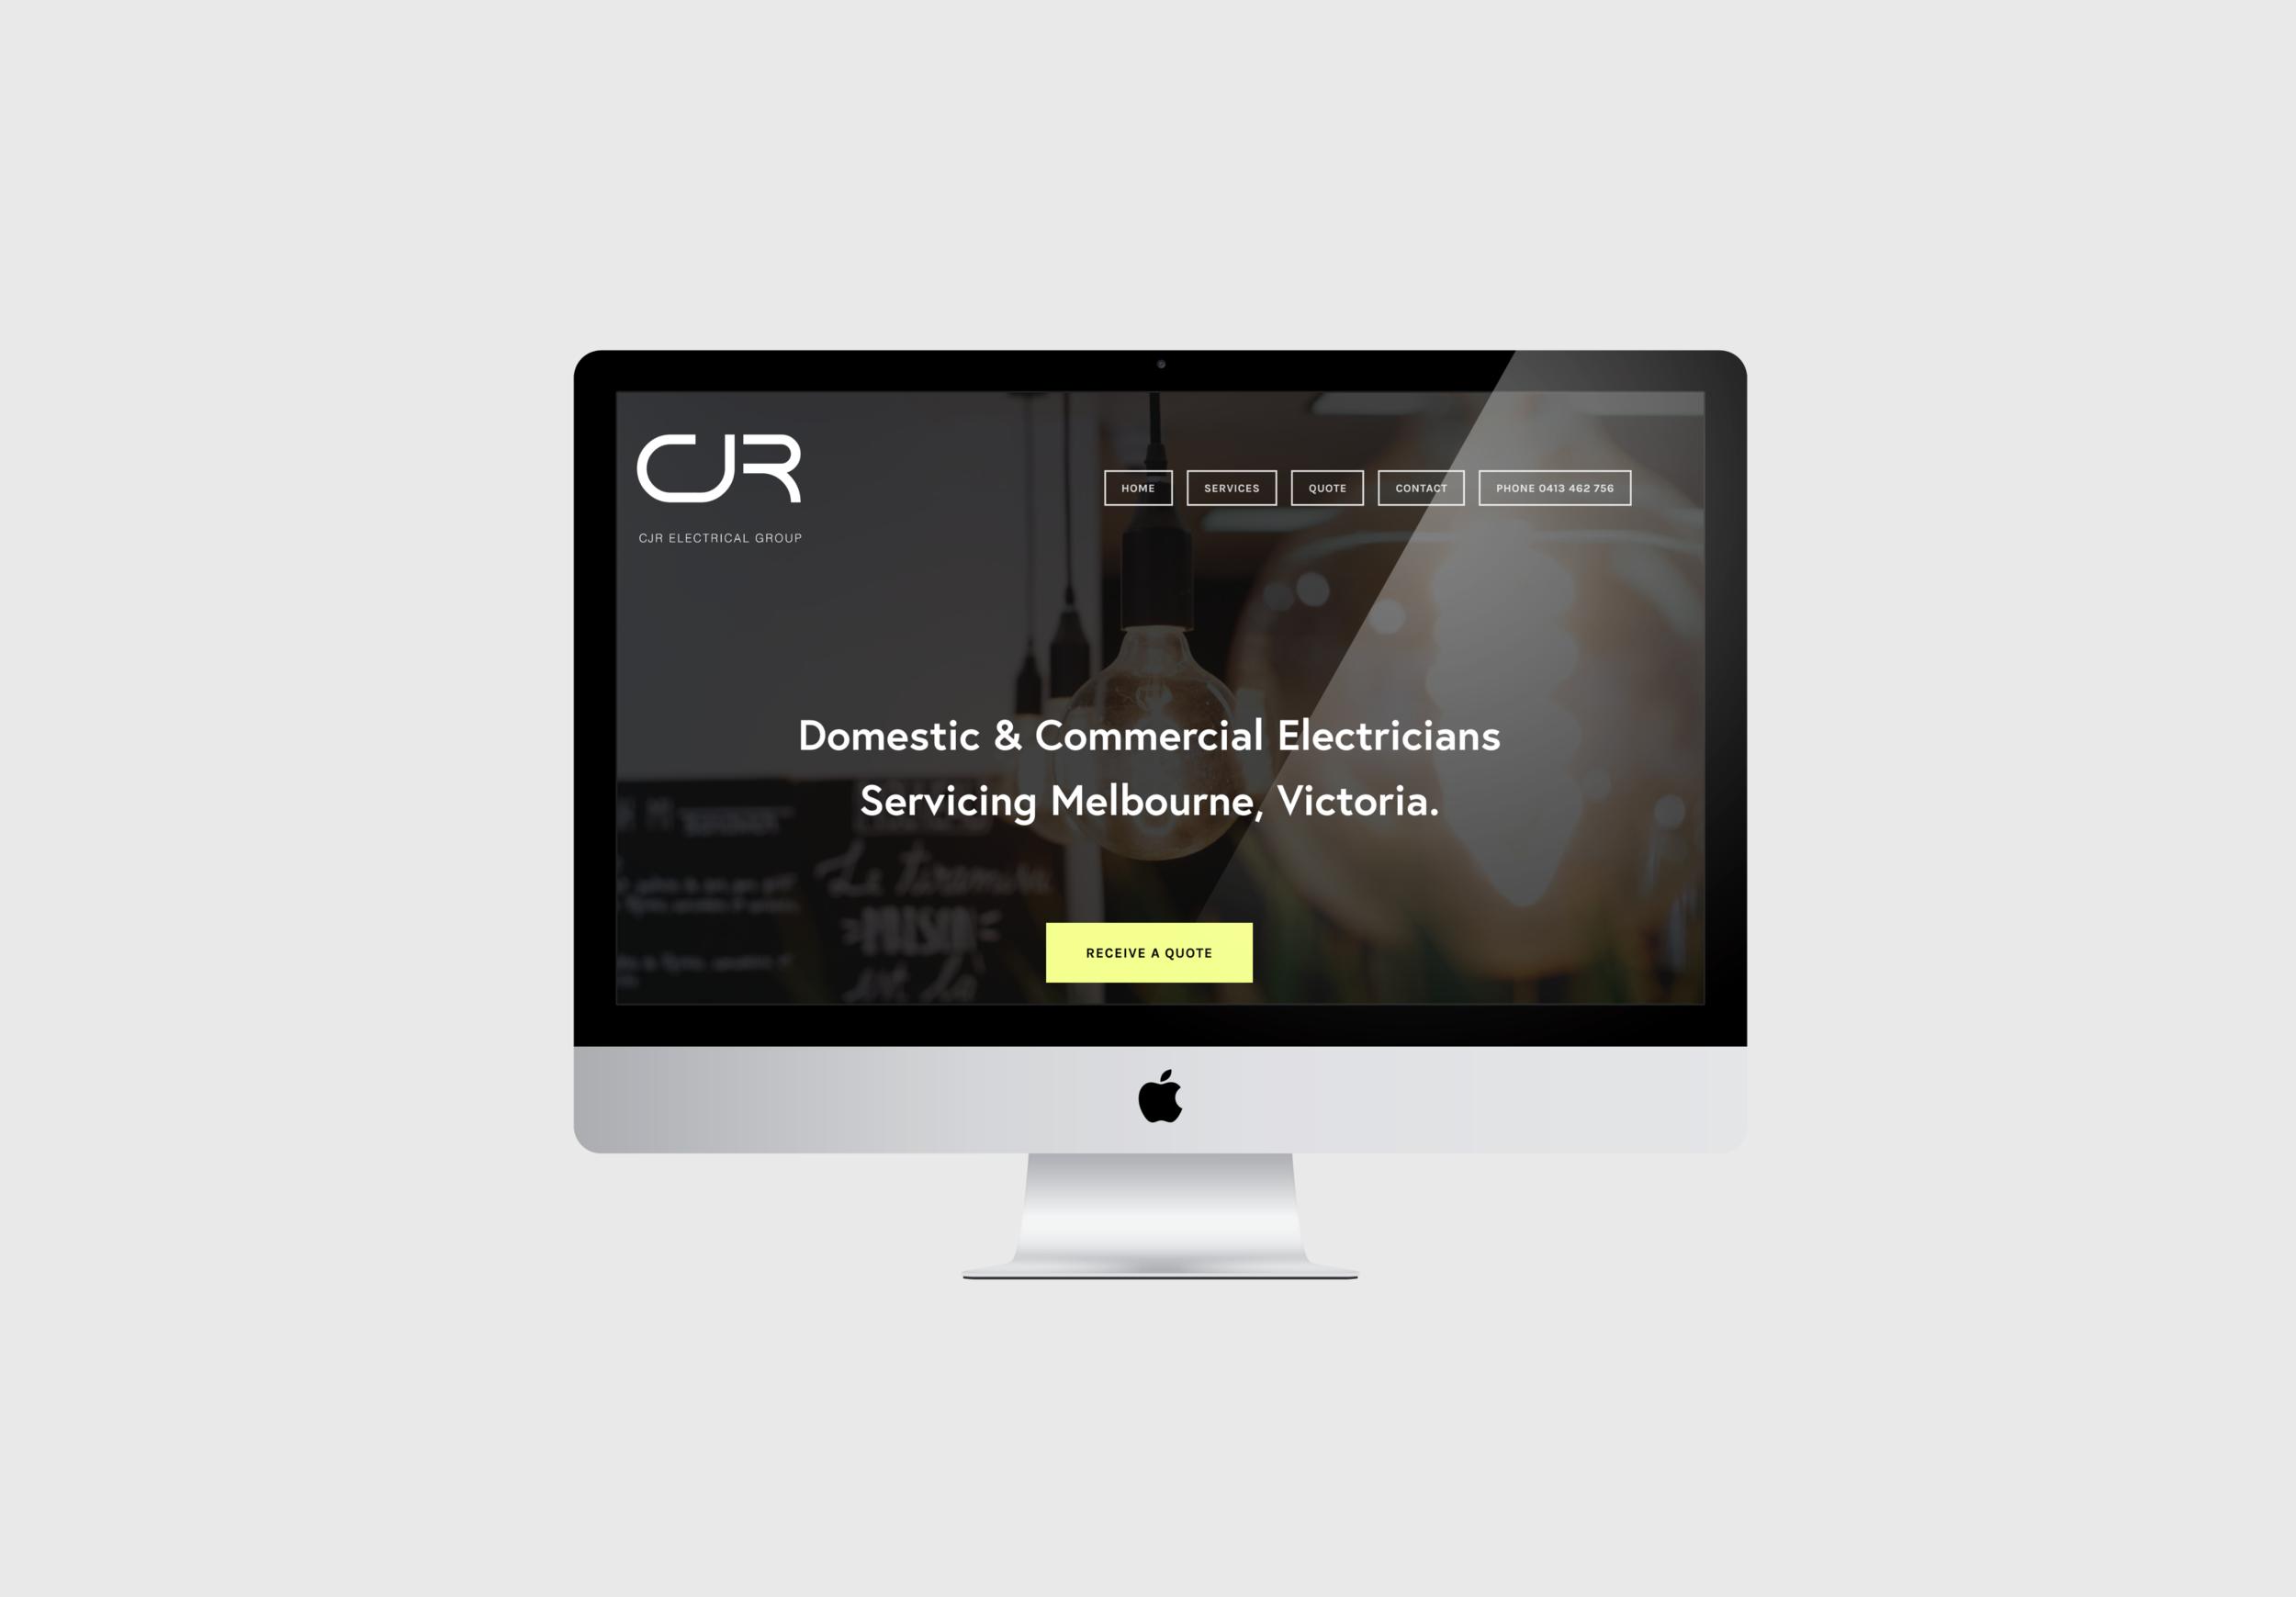 CJR_website.png